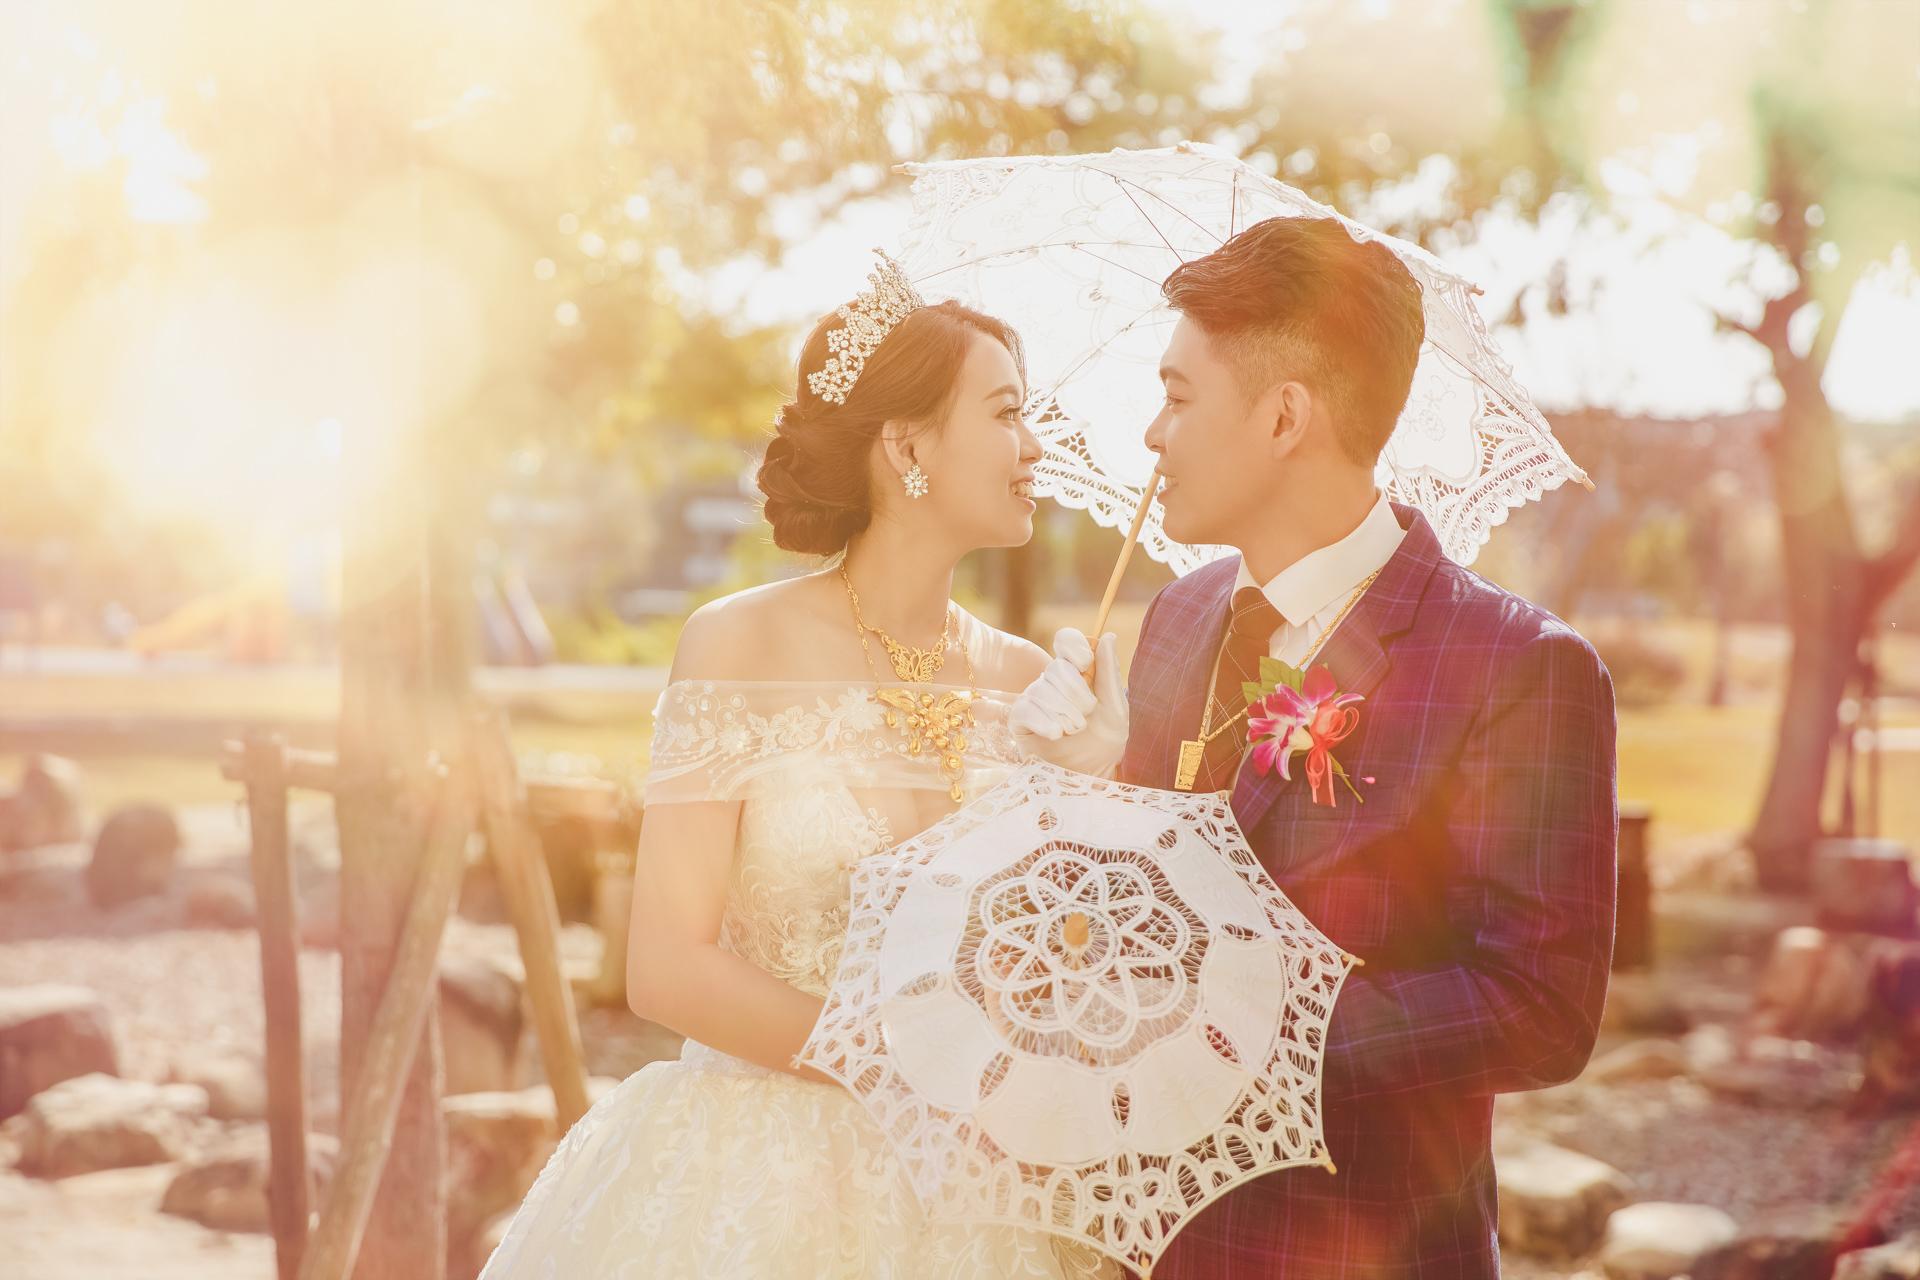 婚攝,婚禮攝影,彰化婚攝,二林文創園區